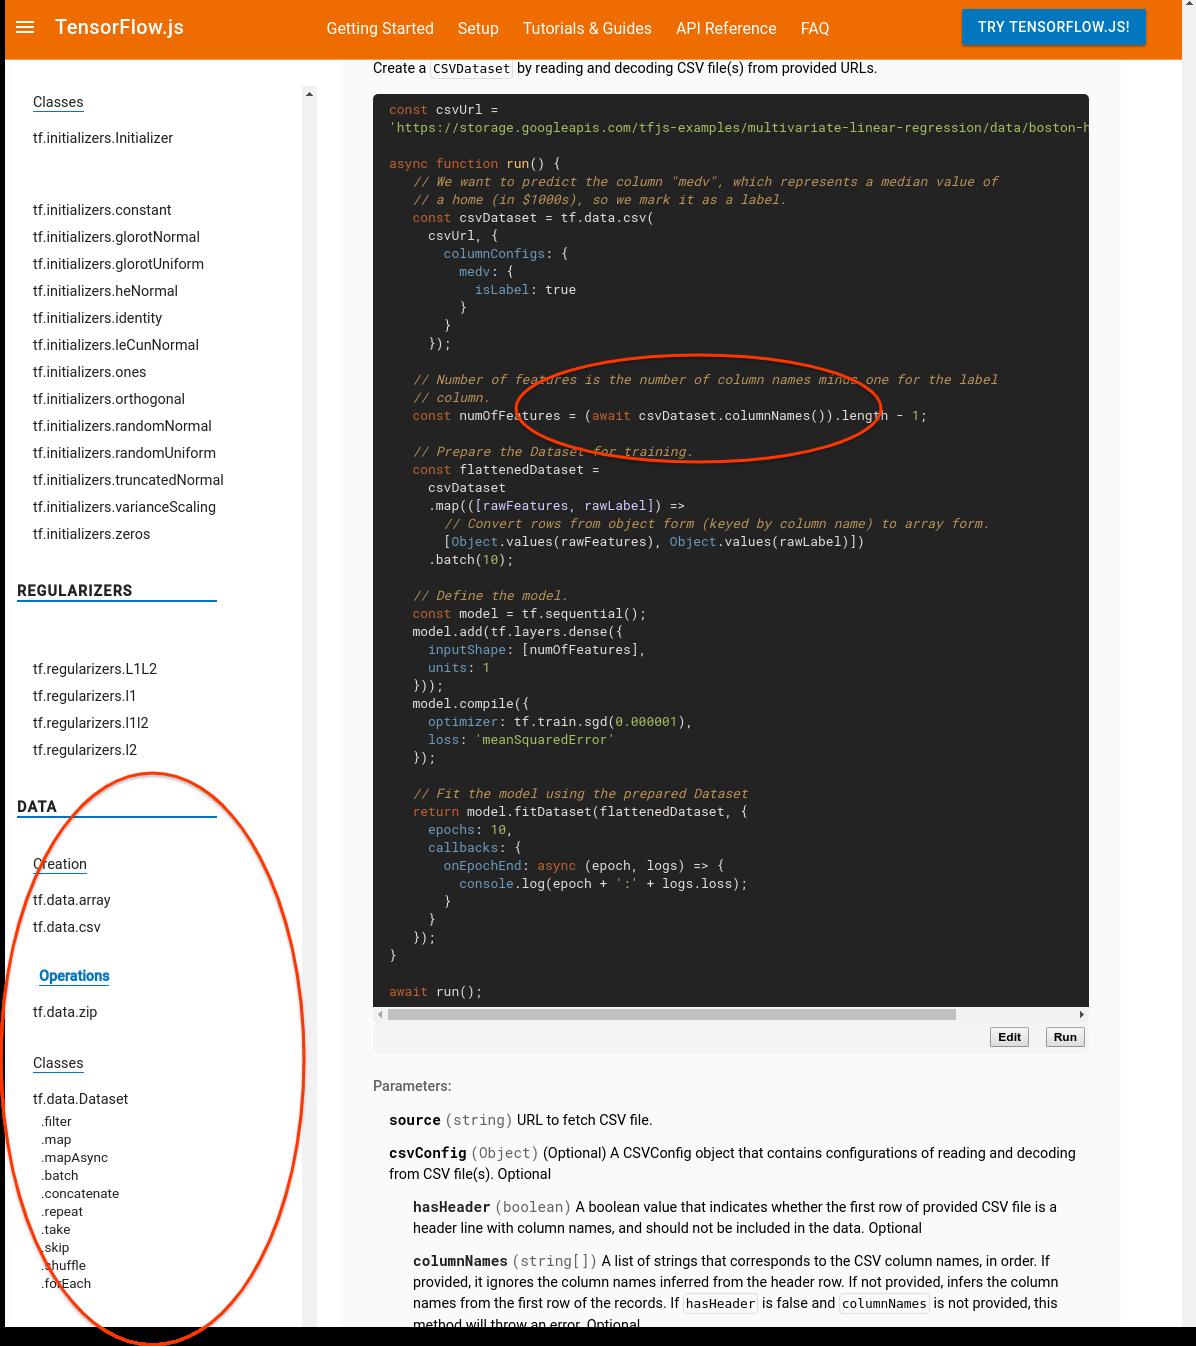 Undocumented exposed API : csvDataset columnNames() · Issue